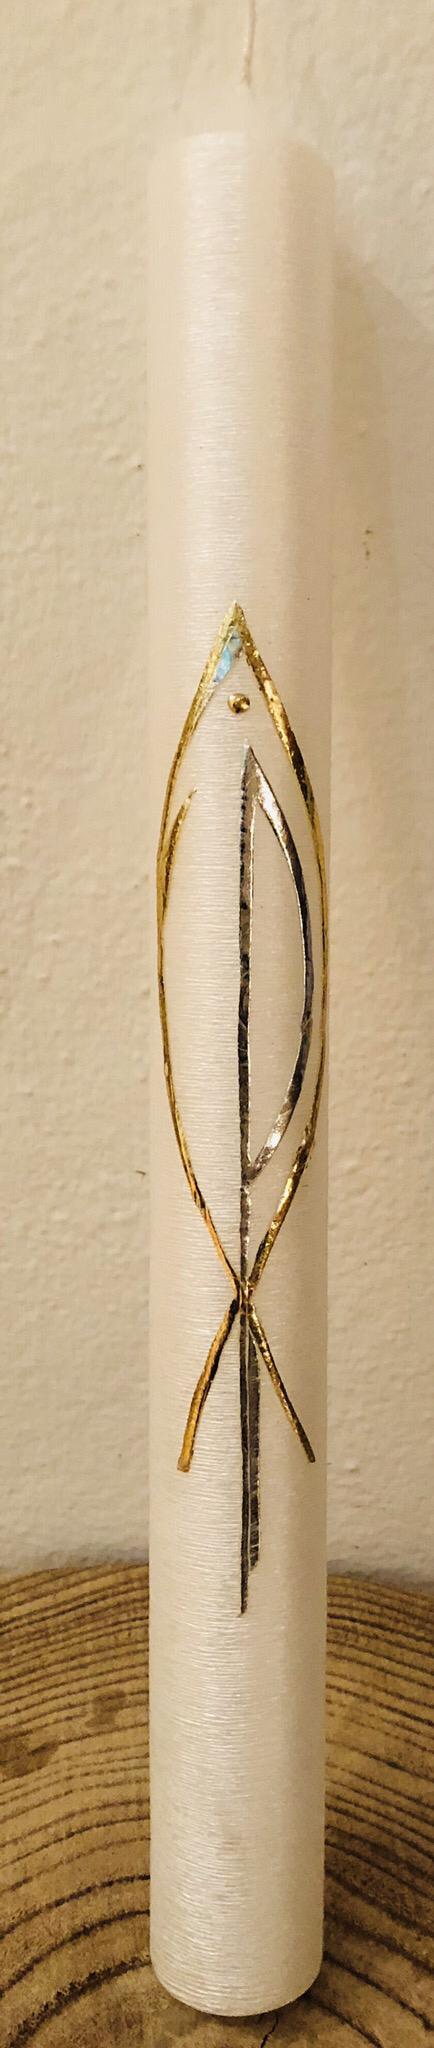 Kerze Taufe, perlmutt geriffelt, mit Fisch und Pax-Zeichen, gold/silber, Wachs und Blattmetall, kann mit weiteren Verzierelementen versehen werden - gravierfähig 25040